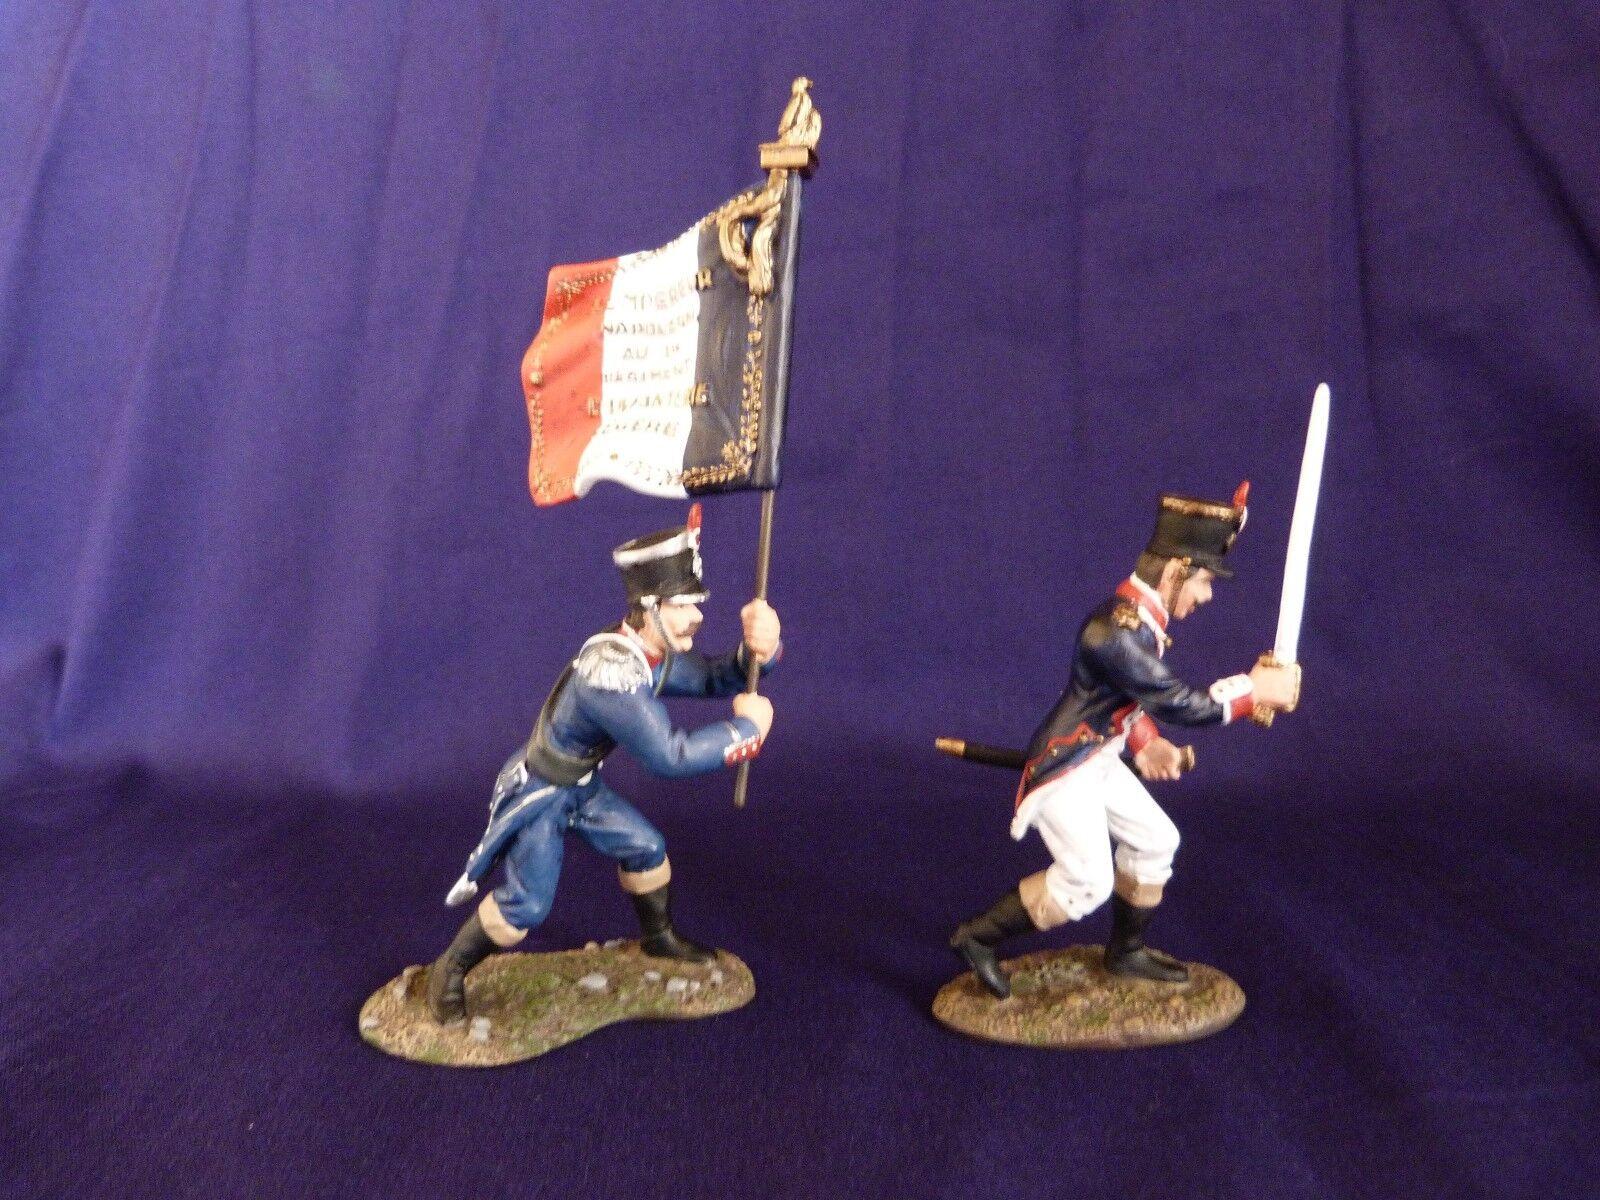 Soldats de plomb BRITAINS 00151 - Waterloo 1815 French Command Set - Français